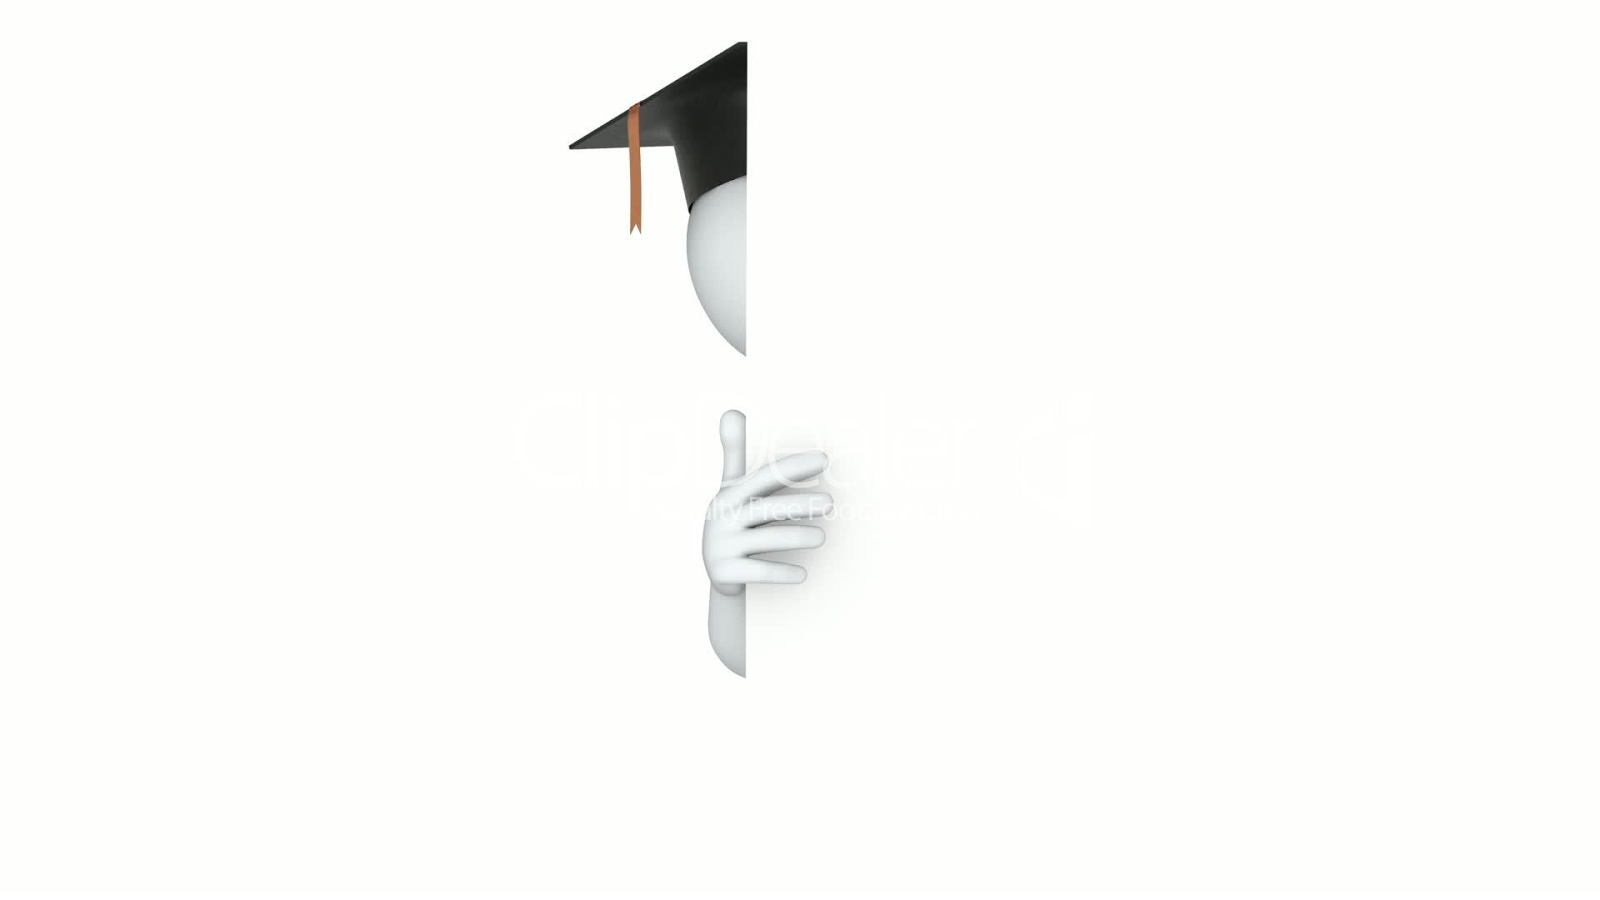 Fond Uni Design : Fond d écran blanc gratuit hd